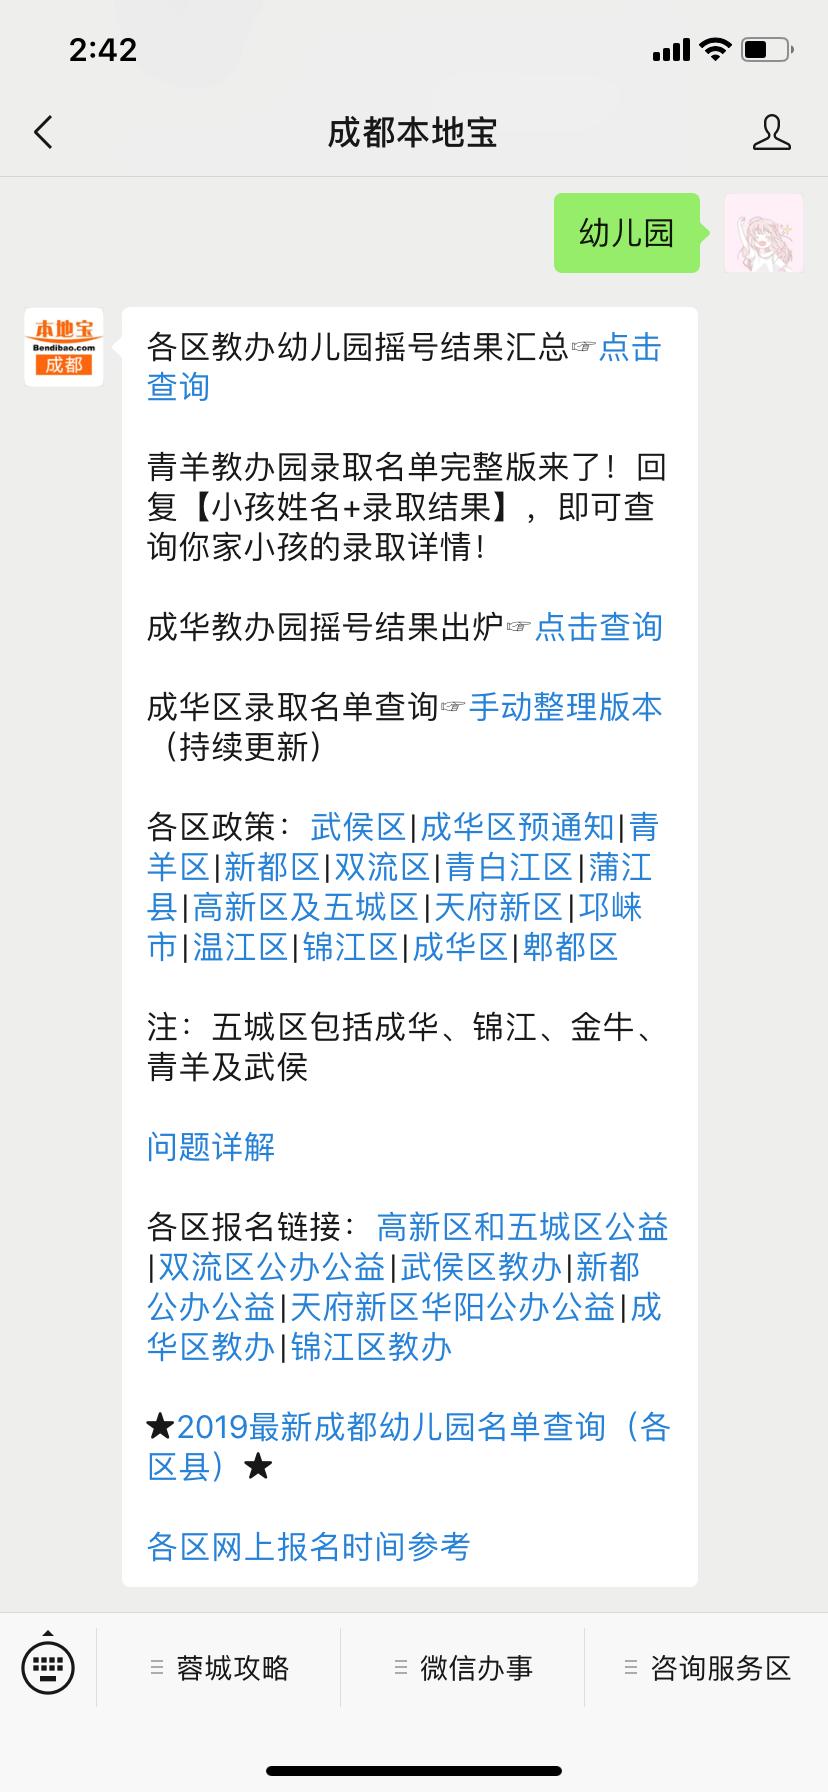 2019成都教办幼儿园摇号结果查询(持续更新)